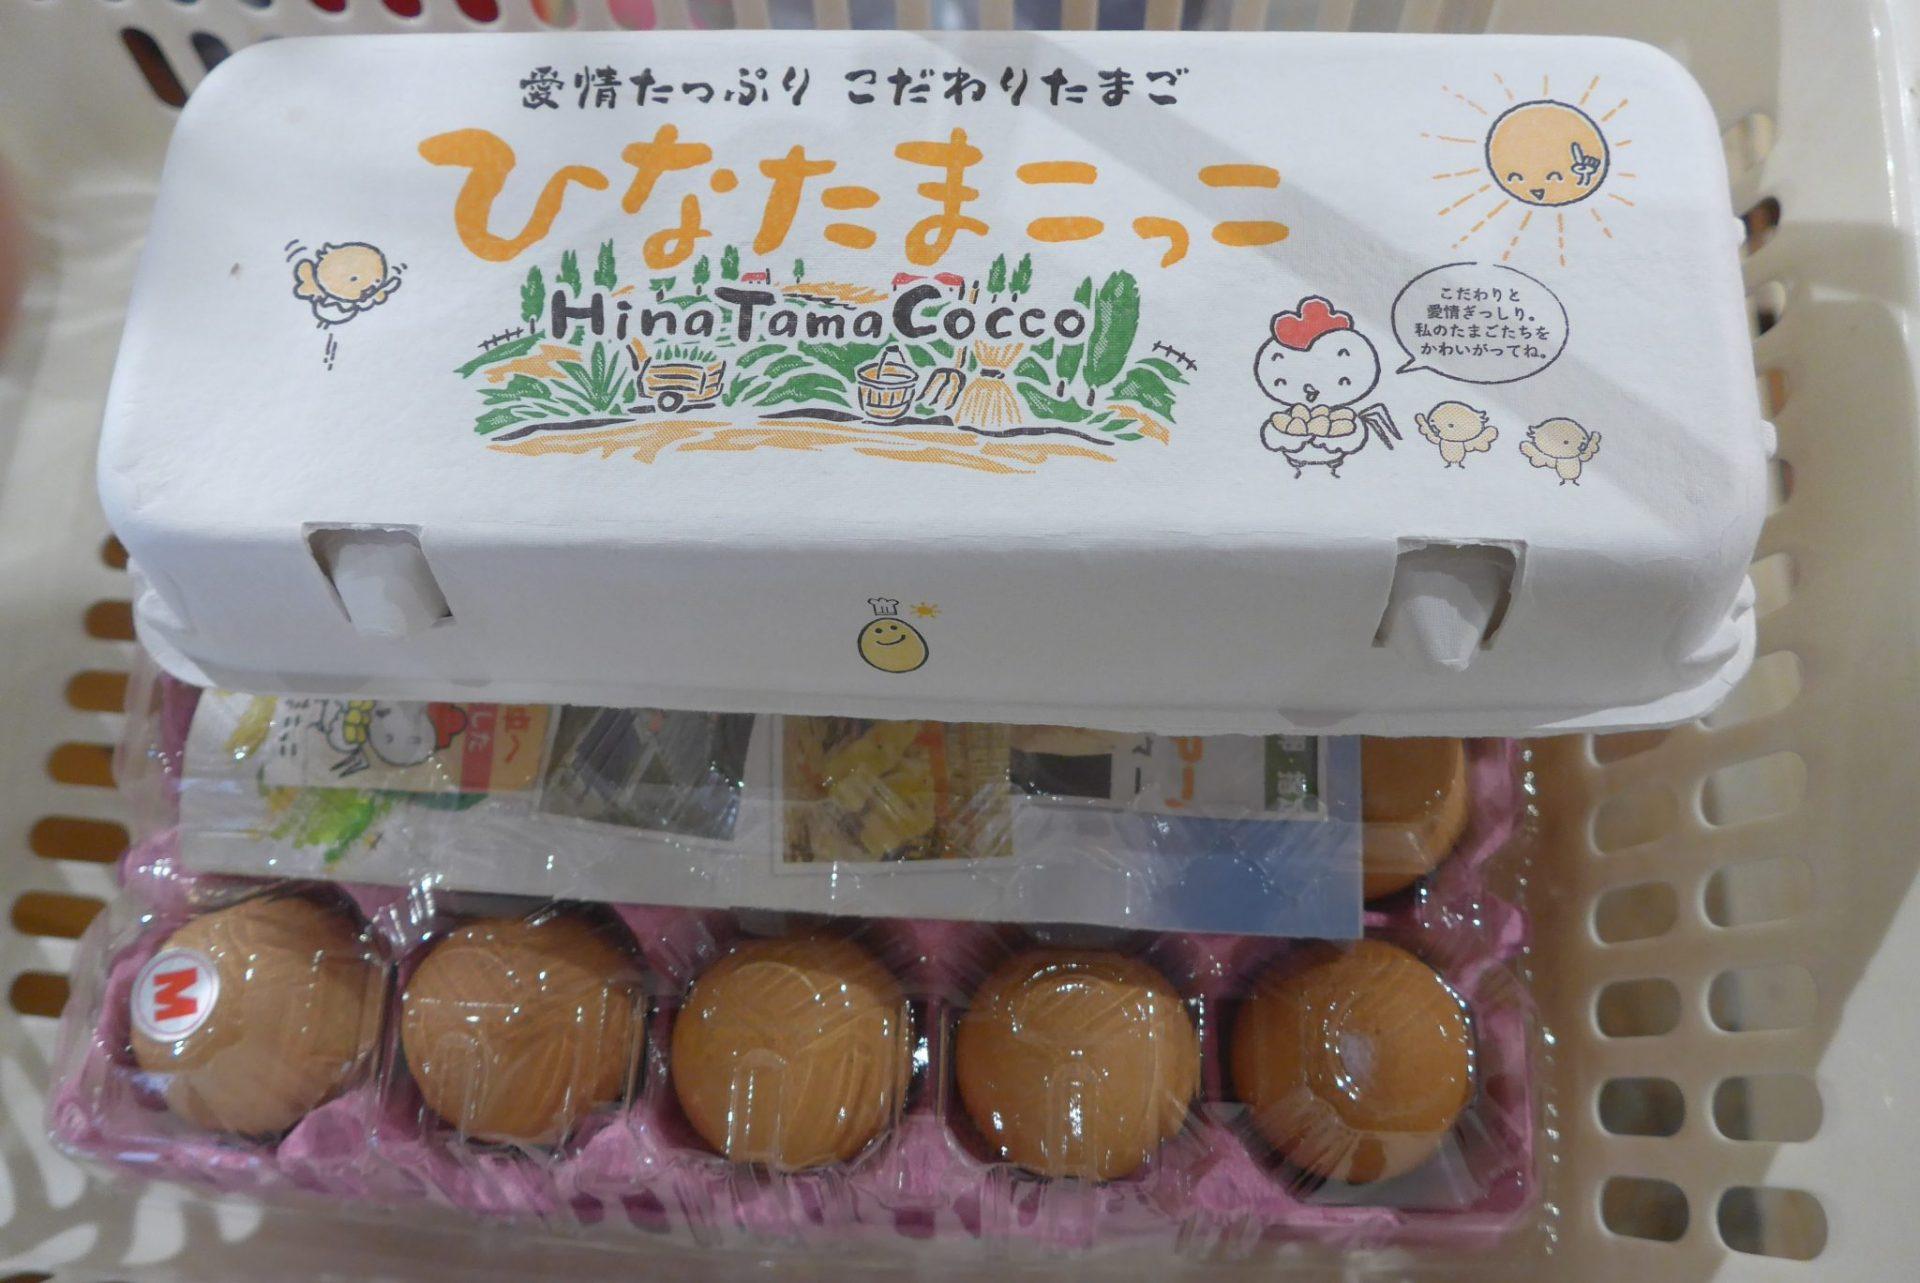 (G)卵かけご飯が美味しい!ひなたまこっこの卵!楽天通販で購入!